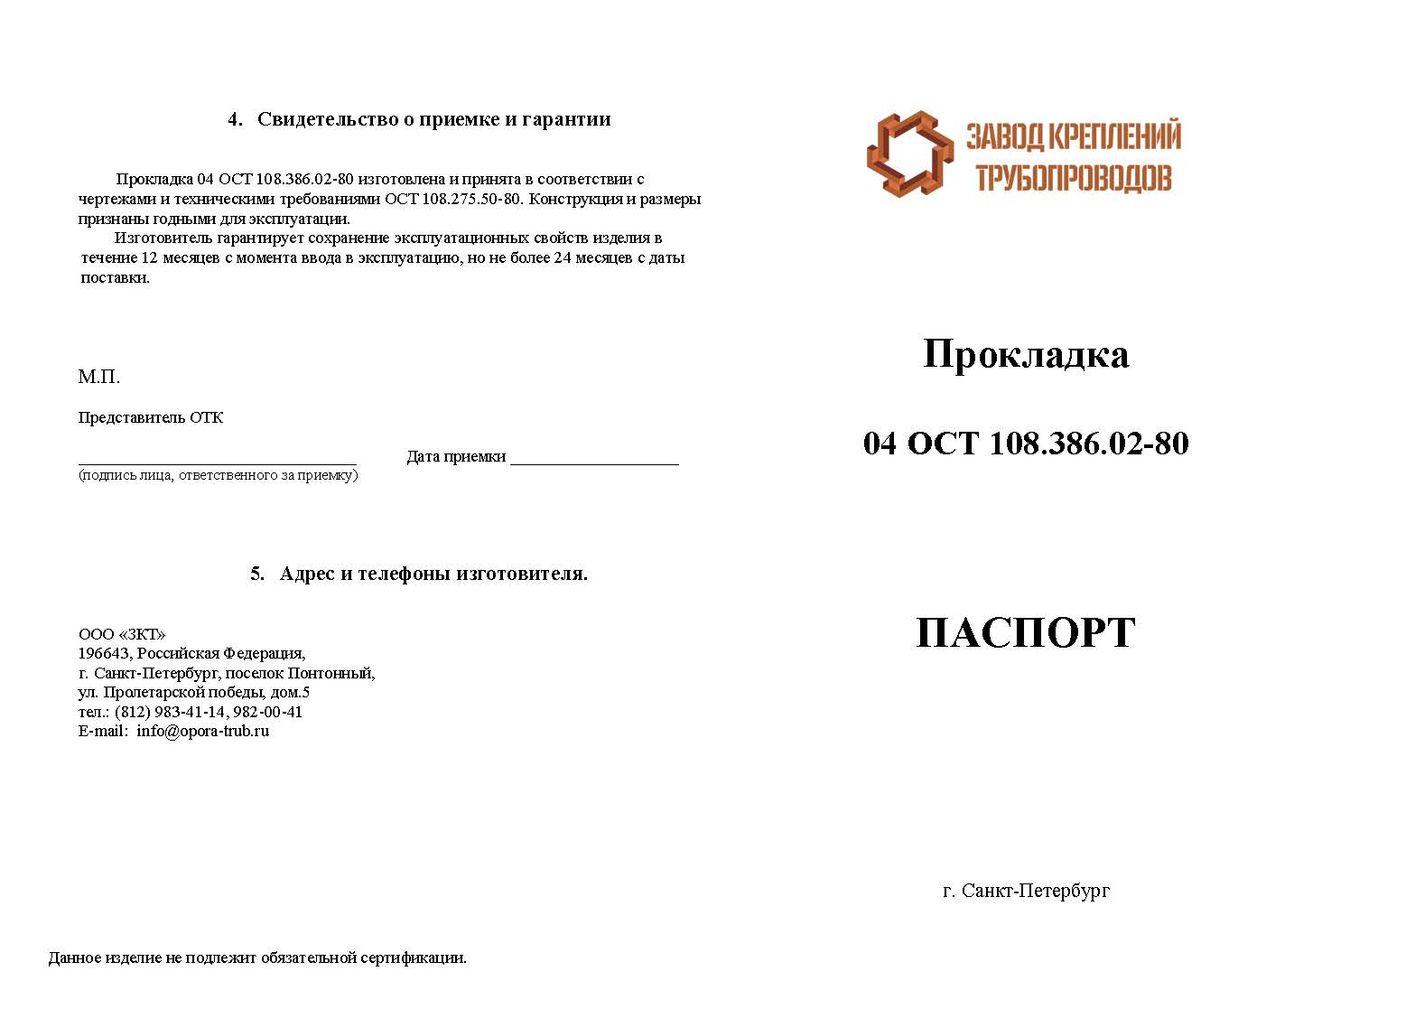 Паспорт Прокладка 04 ОСТ 108.386.02-80 стр.1